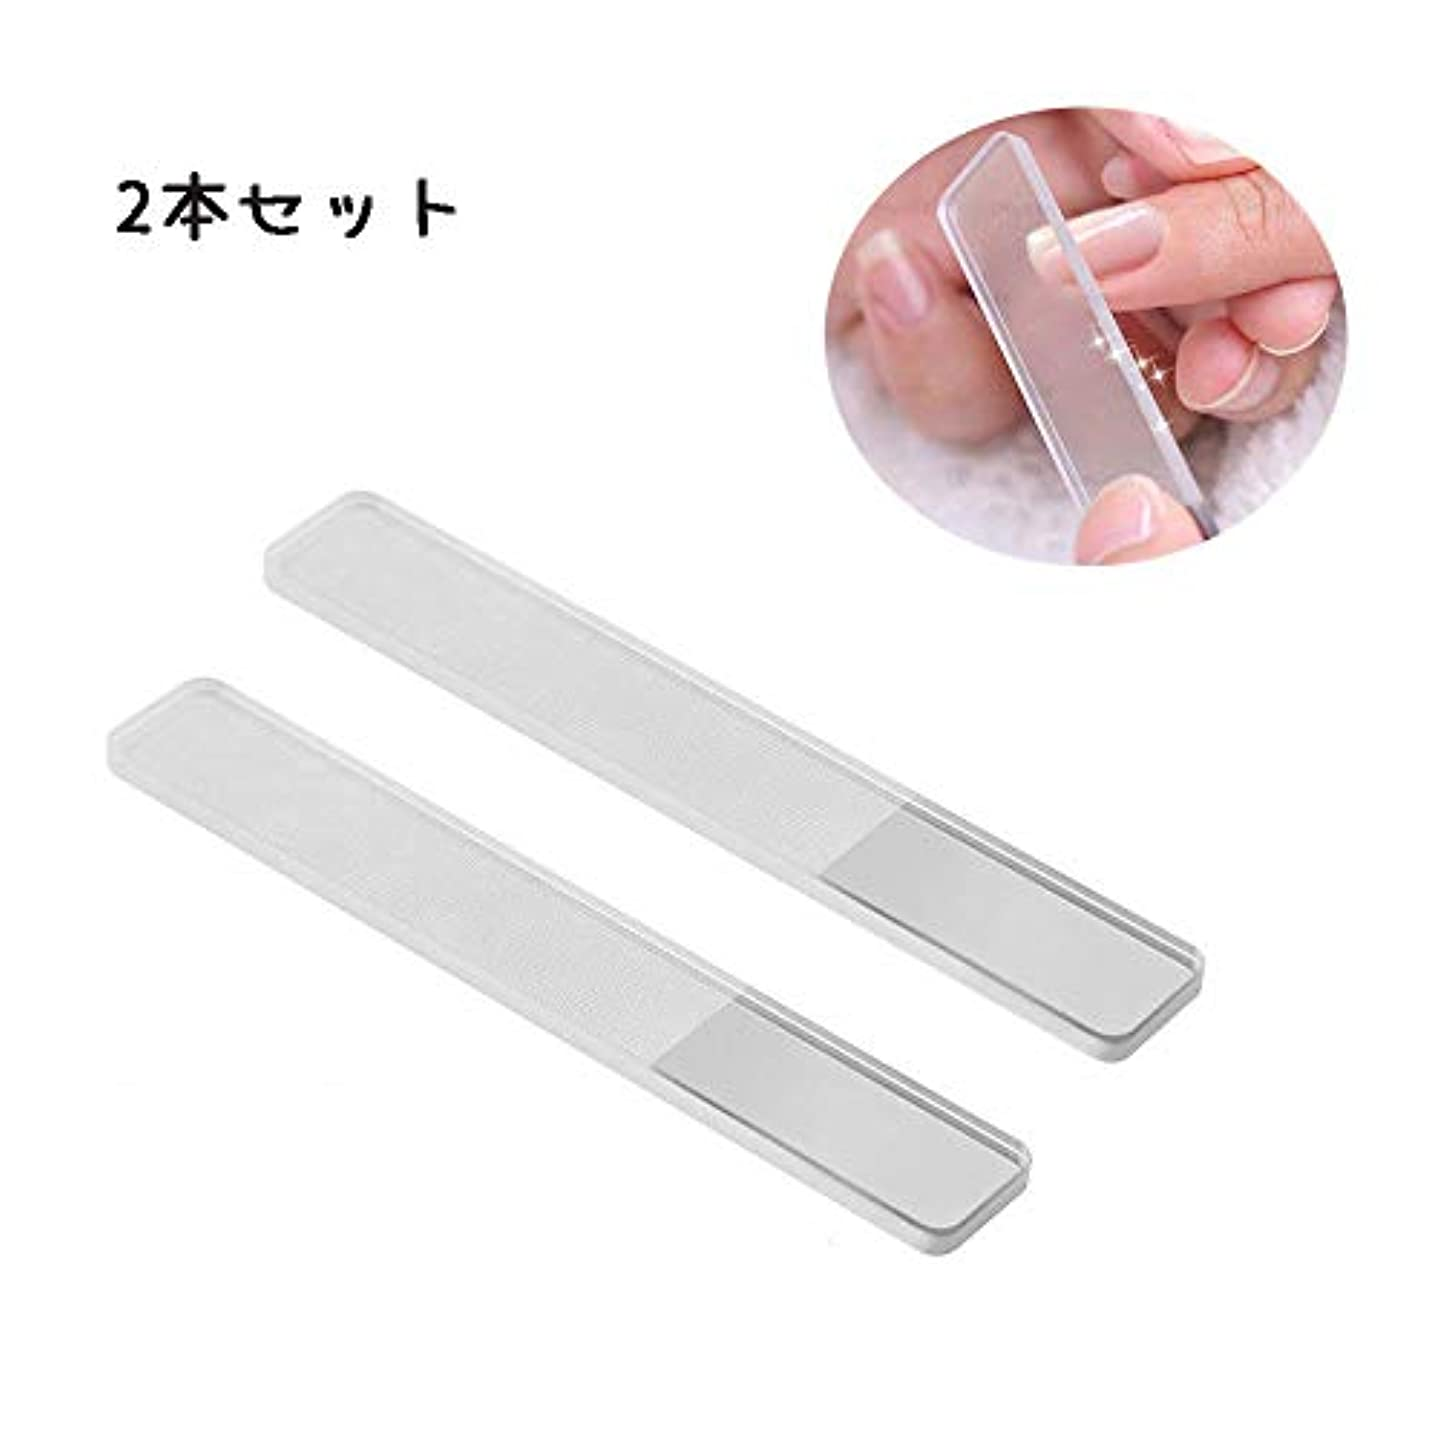 役員教える汚い爪やすり ガラス 爪磨き ガラス製 ネイルシャイナー ピカピカ ネイルケア ナノ技術が生んだ全く新しい 甘皮処理 携帯便利 収納ケース付き 2本 セット (2pcs)